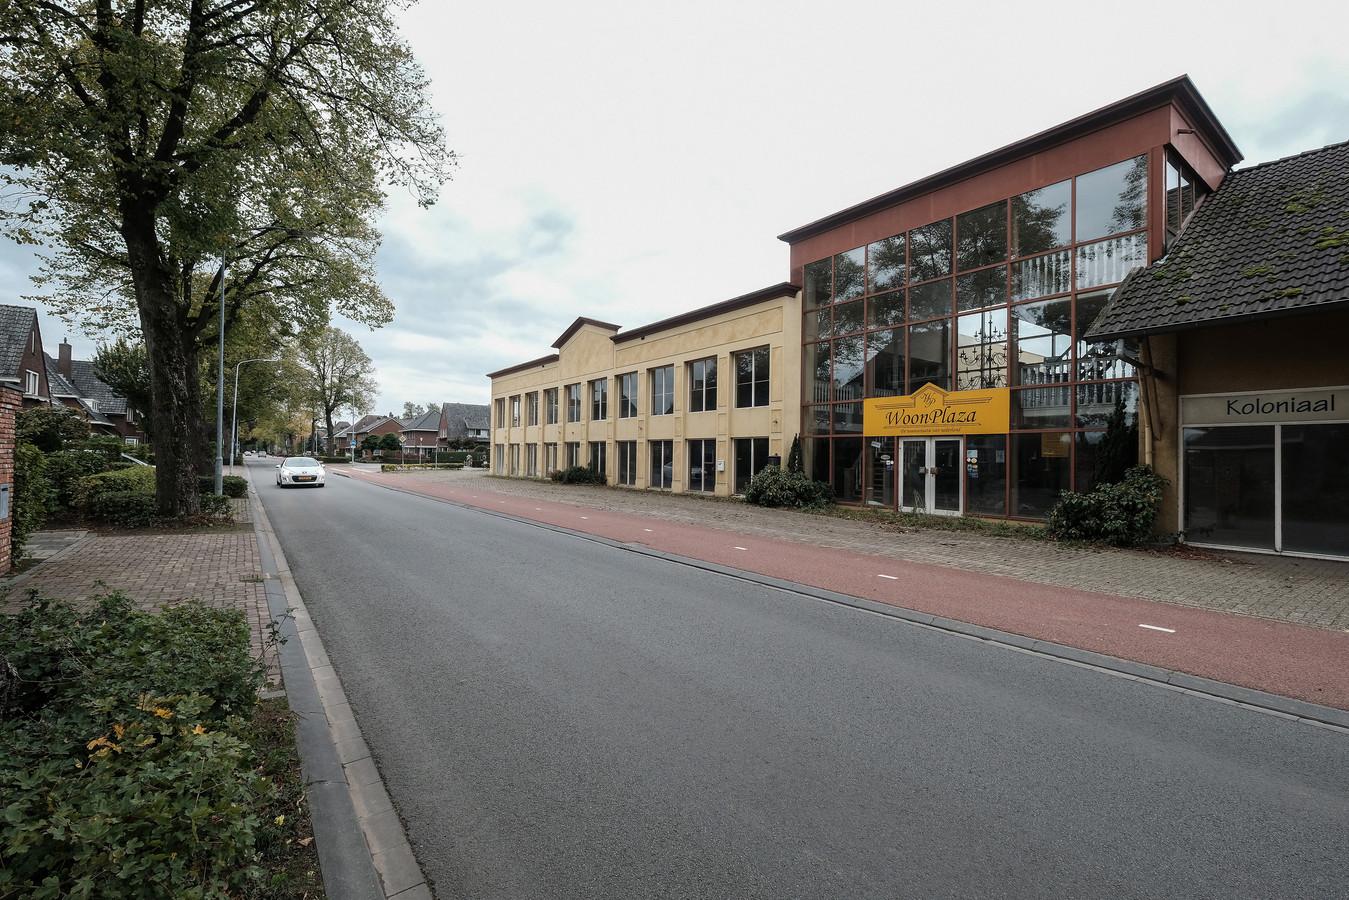 De gemeenteraad van Oude IJsselstreek heeft geen voorkeur uitgesproken voor een verhuizing van de Coop naar het Woonplaza-pand